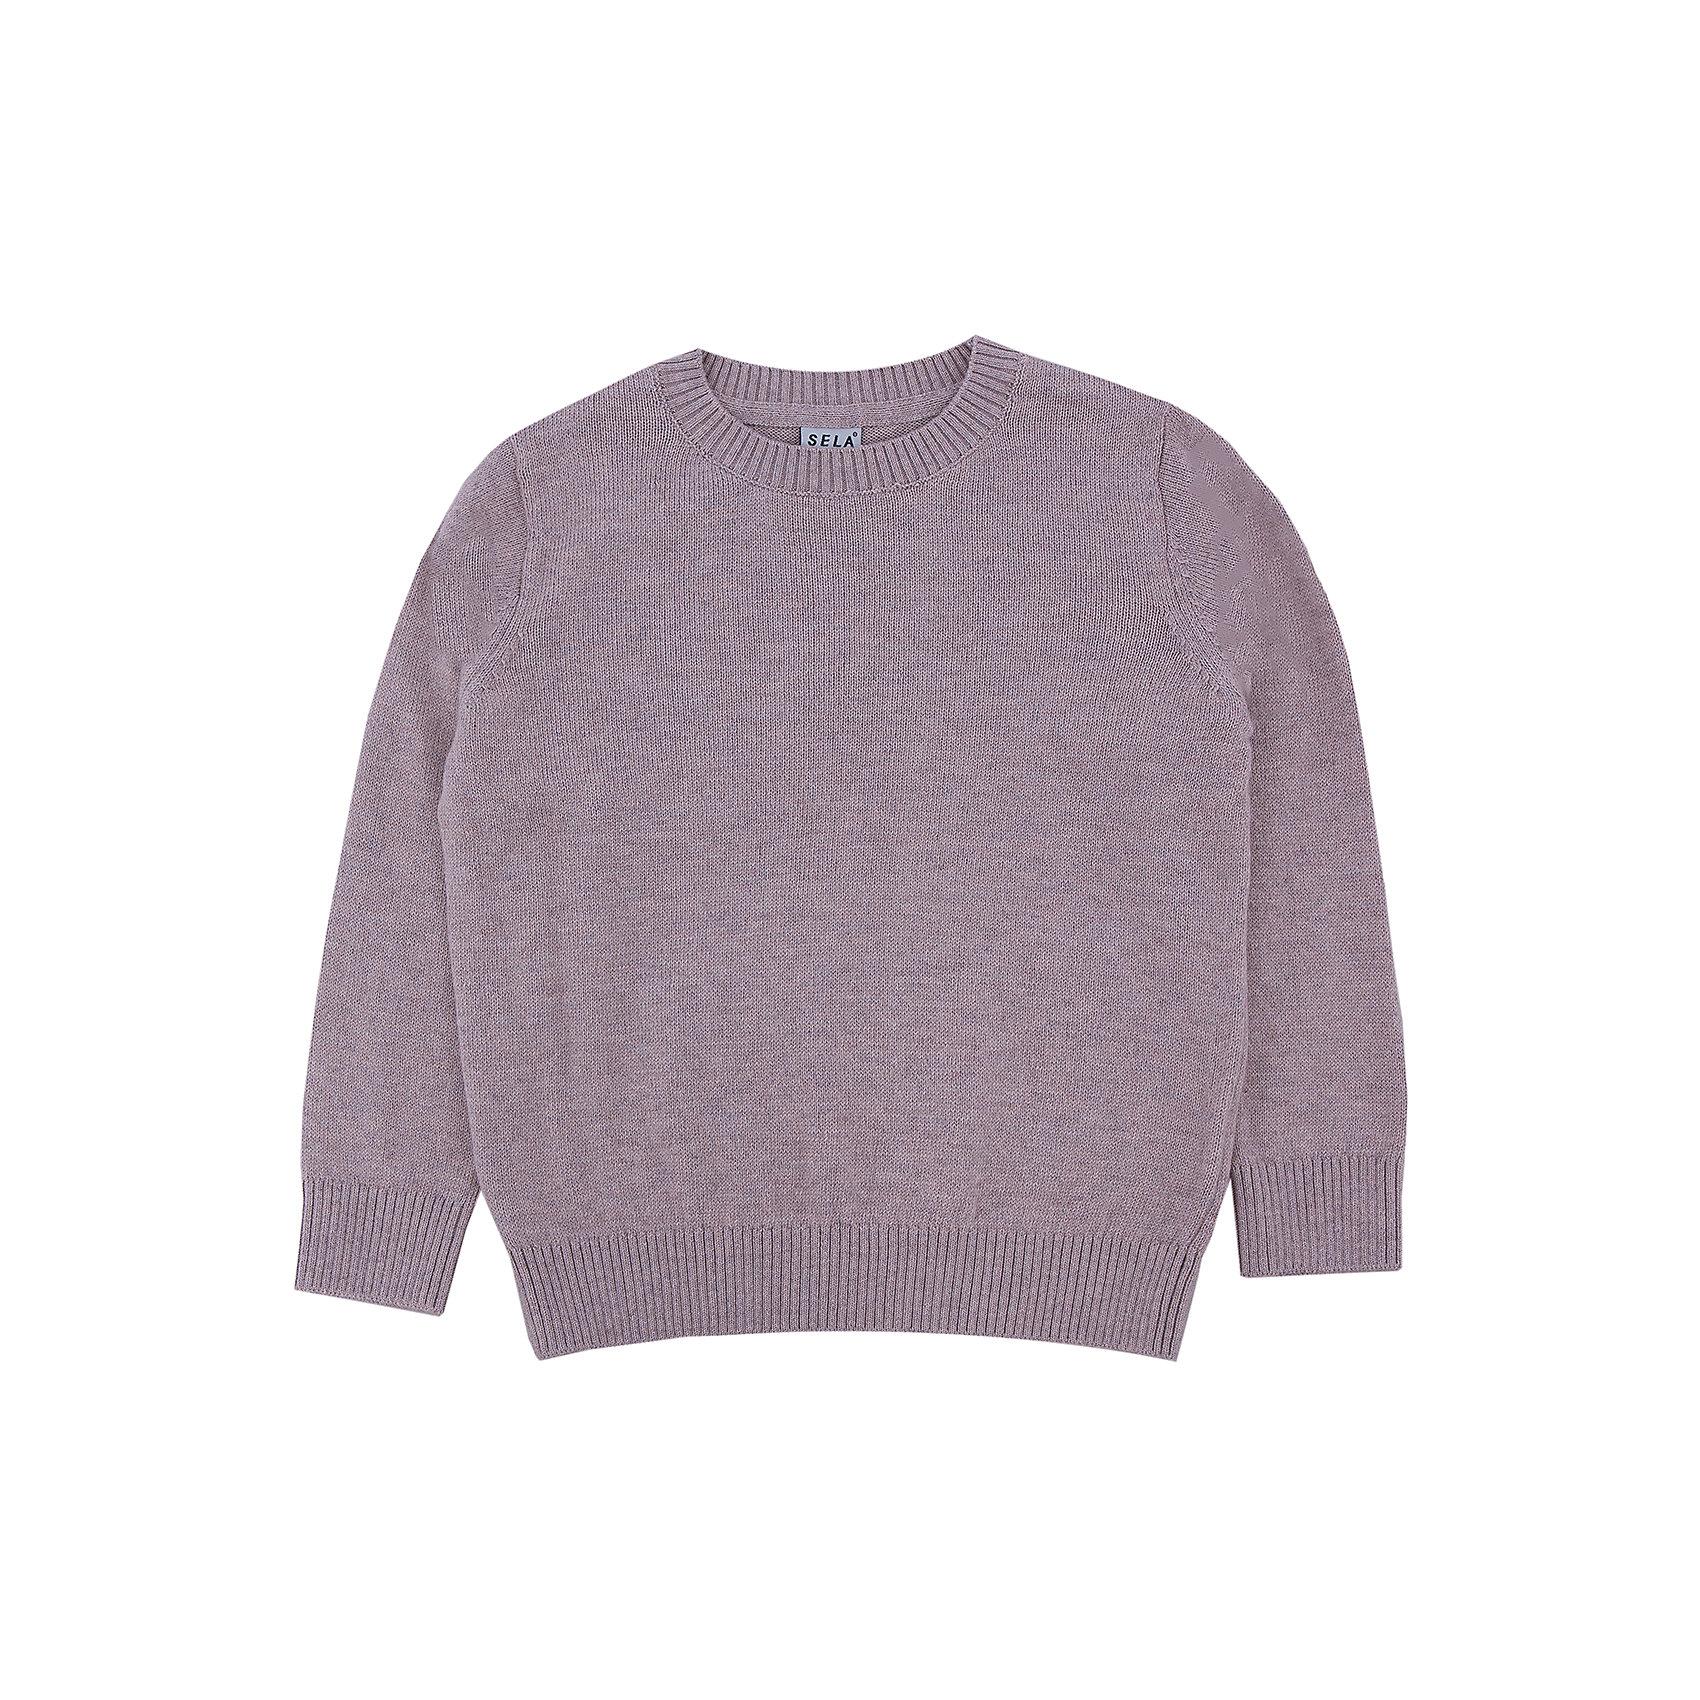 Джемпер для мальчика SELAСвитера и кардиганы<br>Детская одежда от SELA - это качество и отличные цены. Джемпер для мальчика из новой коллекции – необходимая вещь, чтобы выглядеть стильно в новом сезоне. Модель выполнена в классическом базовом стиле, что позволят комбинировать джемпер с любыми вещами и для любого случая. В изделии использована шерсть, которая делает модель не только модной, но и теплой. У джемпера на горле и рукавах есть уплотненные резинки.<br>Все материалы, использованные в создании изделия,  отвечают современным стандартам по качеству и безопасности продукции.<br>Дополнительная информация:<br>цвет: бежевый;<br>состав:  60% хлопок, 10% шерсть, 30% нейлон;<br>Длинный рукав<br>Силуэт прямой<br>Джемпер для мальчика от компании SELA можно приобрести в нашем магазине.<br><br>Ширина мм: 190<br>Глубина мм: 74<br>Высота мм: 229<br>Вес г: 236<br>Цвет: бежевый<br>Возраст от месяцев: 48<br>Возраст до месяцев: 60<br>Пол: Мужской<br>Возраст: Детский<br>Размер: 110,98,116,104,92<br>SKU: 4913126